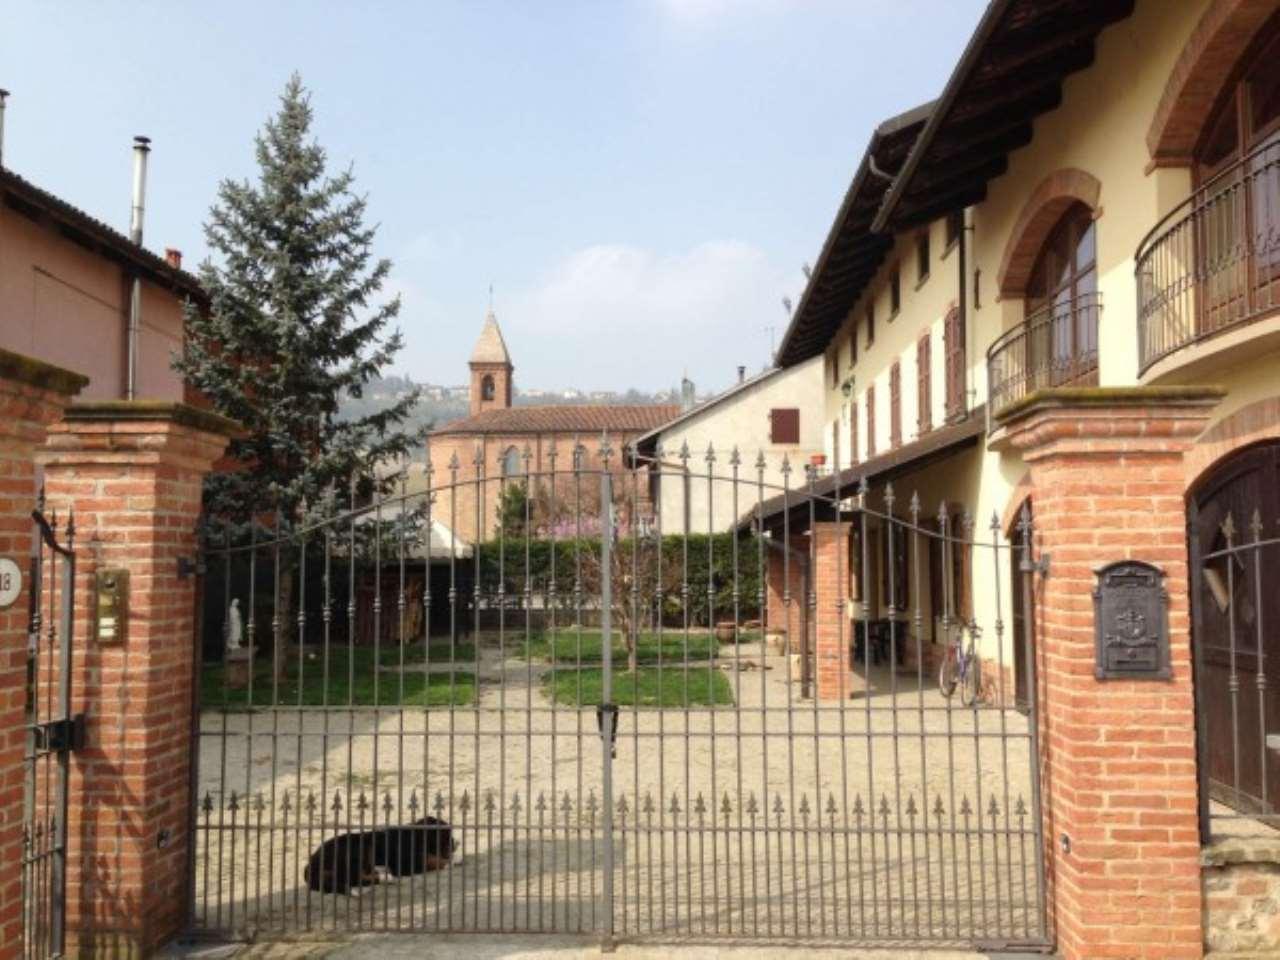 Rustico / Casale in vendita a Magliano Alfieri, 6 locali, Trattative riservate | Cambio Casa.it